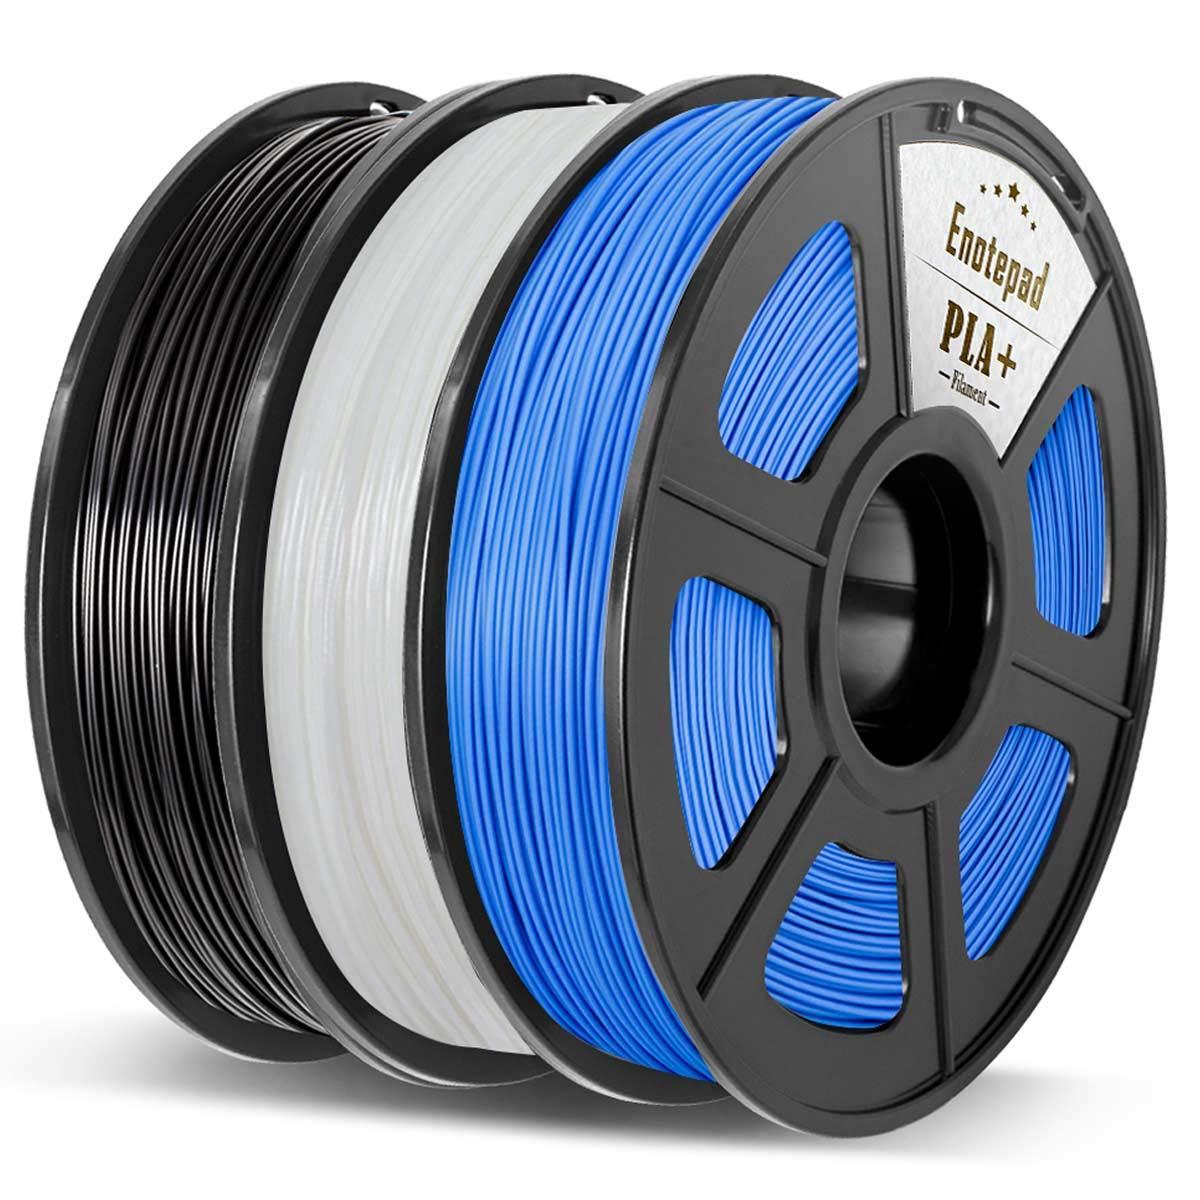 3D Printer Filament,0.5KG*3 Spools ,Dimensional Accuracy 1.75mm+//-0.02mm,Filament 3D Printing Materials,Suit for most 3D Printer//3D pen,Enotepad Black+White+Black PLA+ PLA 3.3lbs